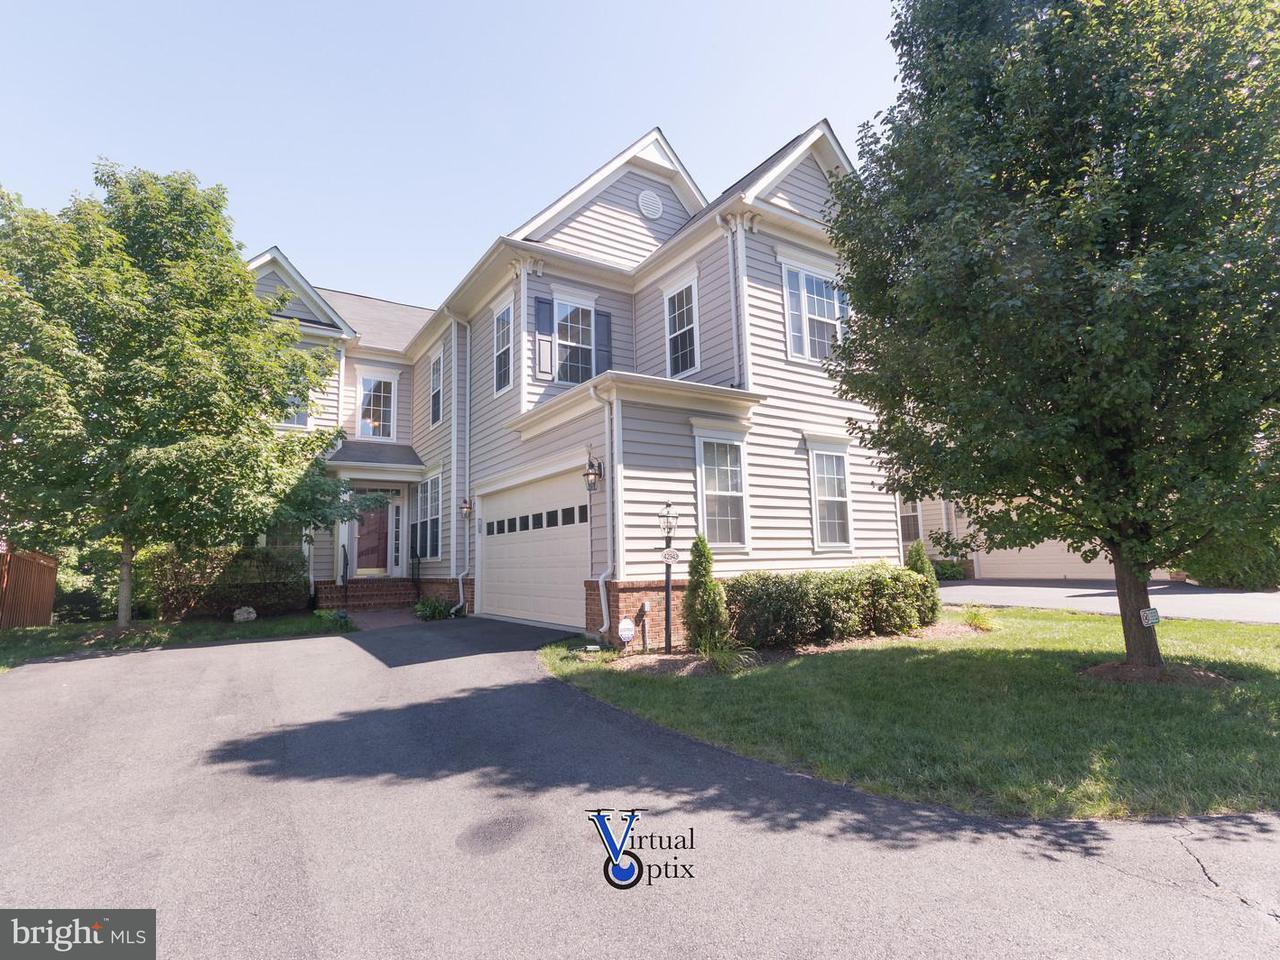 独户住宅 为 销售 在 42943 PARK BROOKE Court 42943 PARK BROOKE Court Broadlands, 弗吉尼亚州 20148 美国